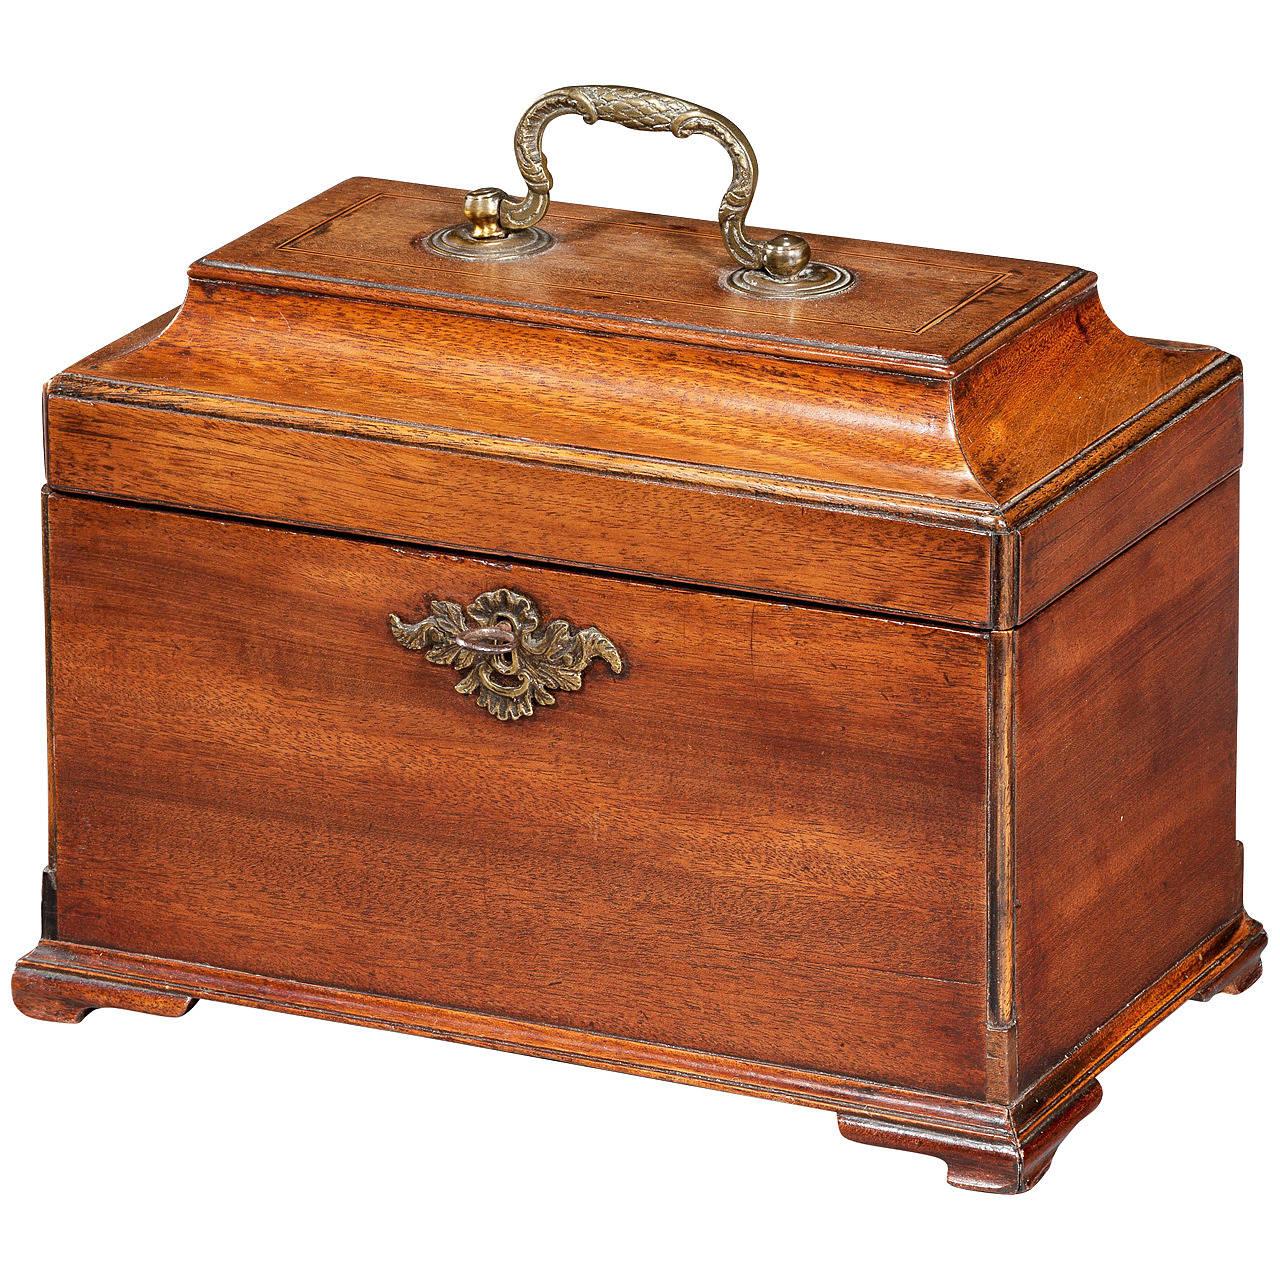 George III Period Mahogany Tea Caddy